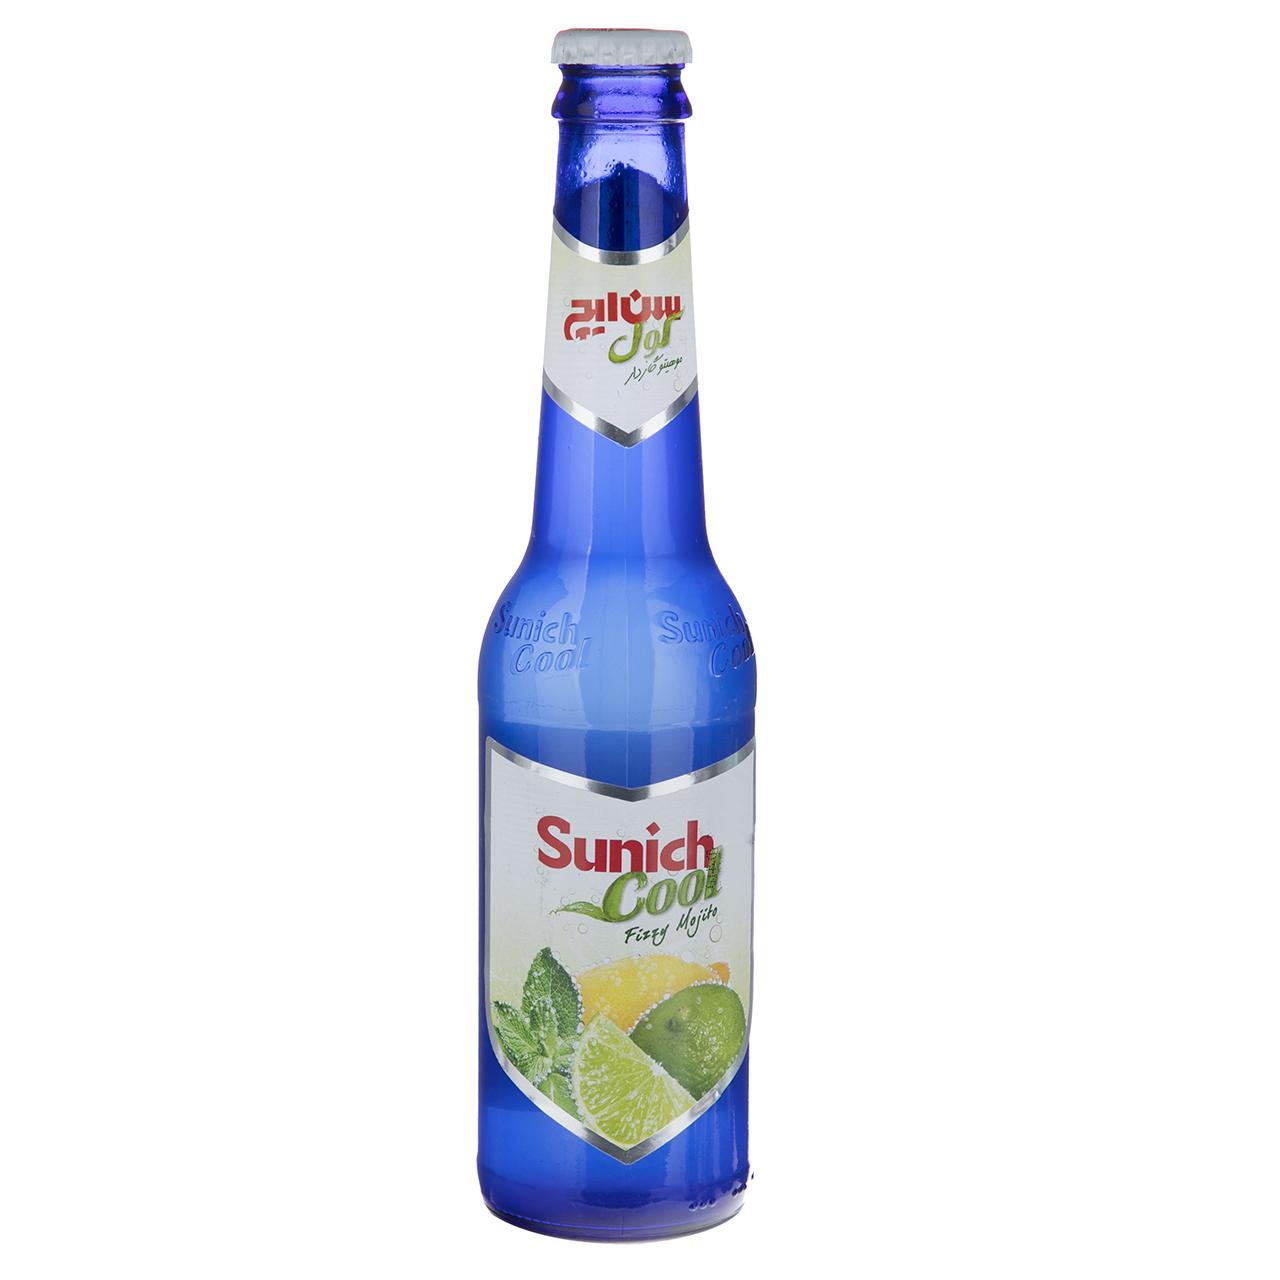 نوشیدنی گازدار لیمو با طعم نعنا سن ایچ کول حجم 0.32 لیتر